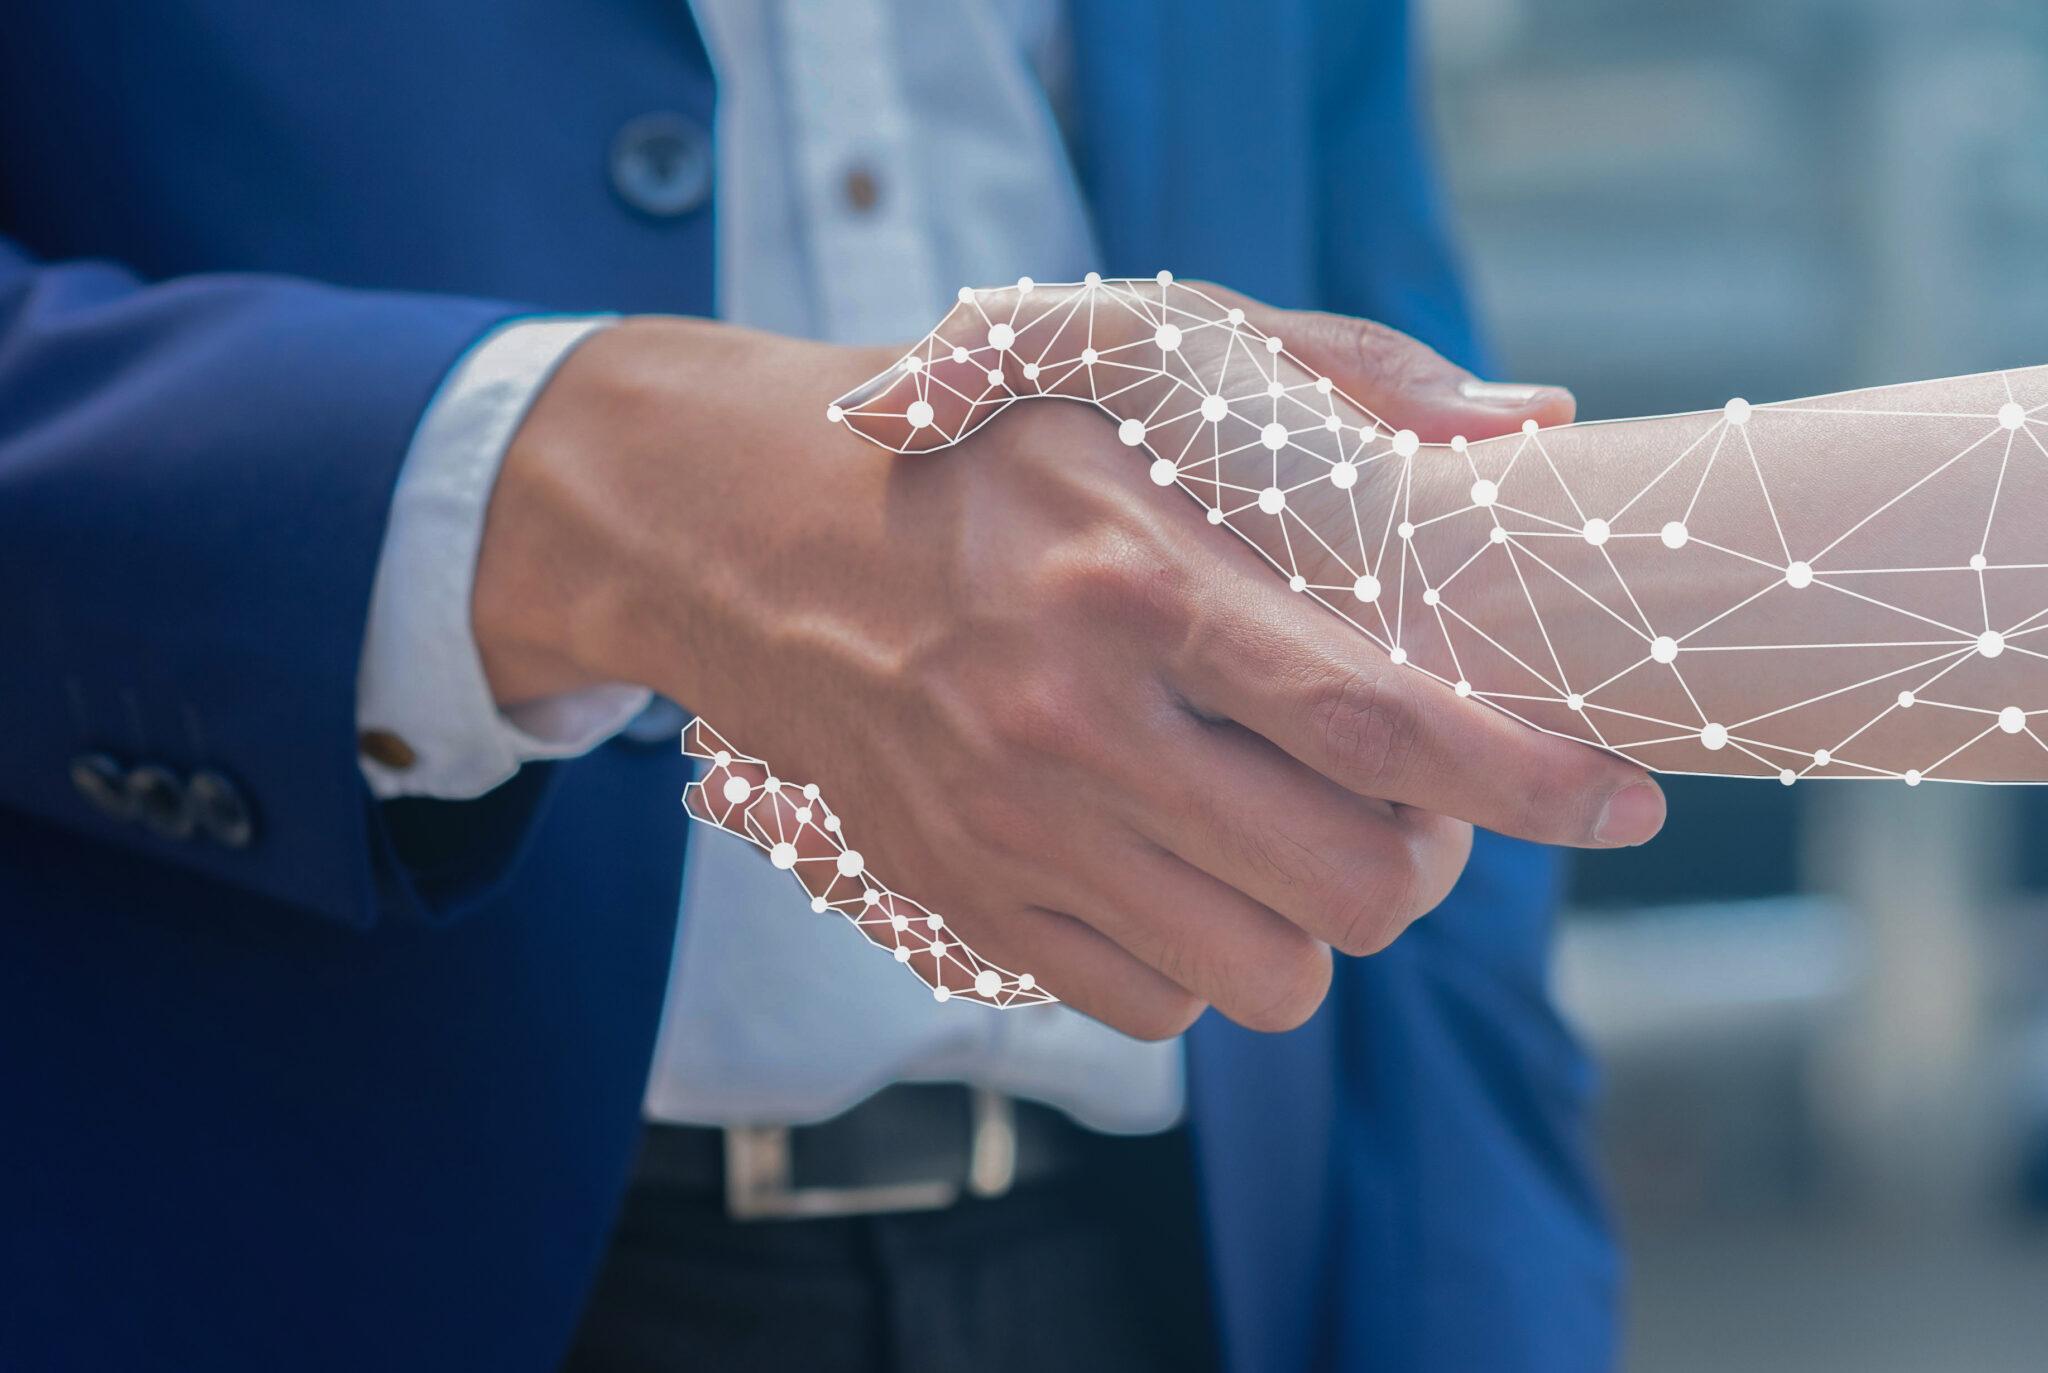 Nahaufnahme eines Geschäftsmanns, der seine Hand mit einem KI-Roboterhologramm schüttelt.